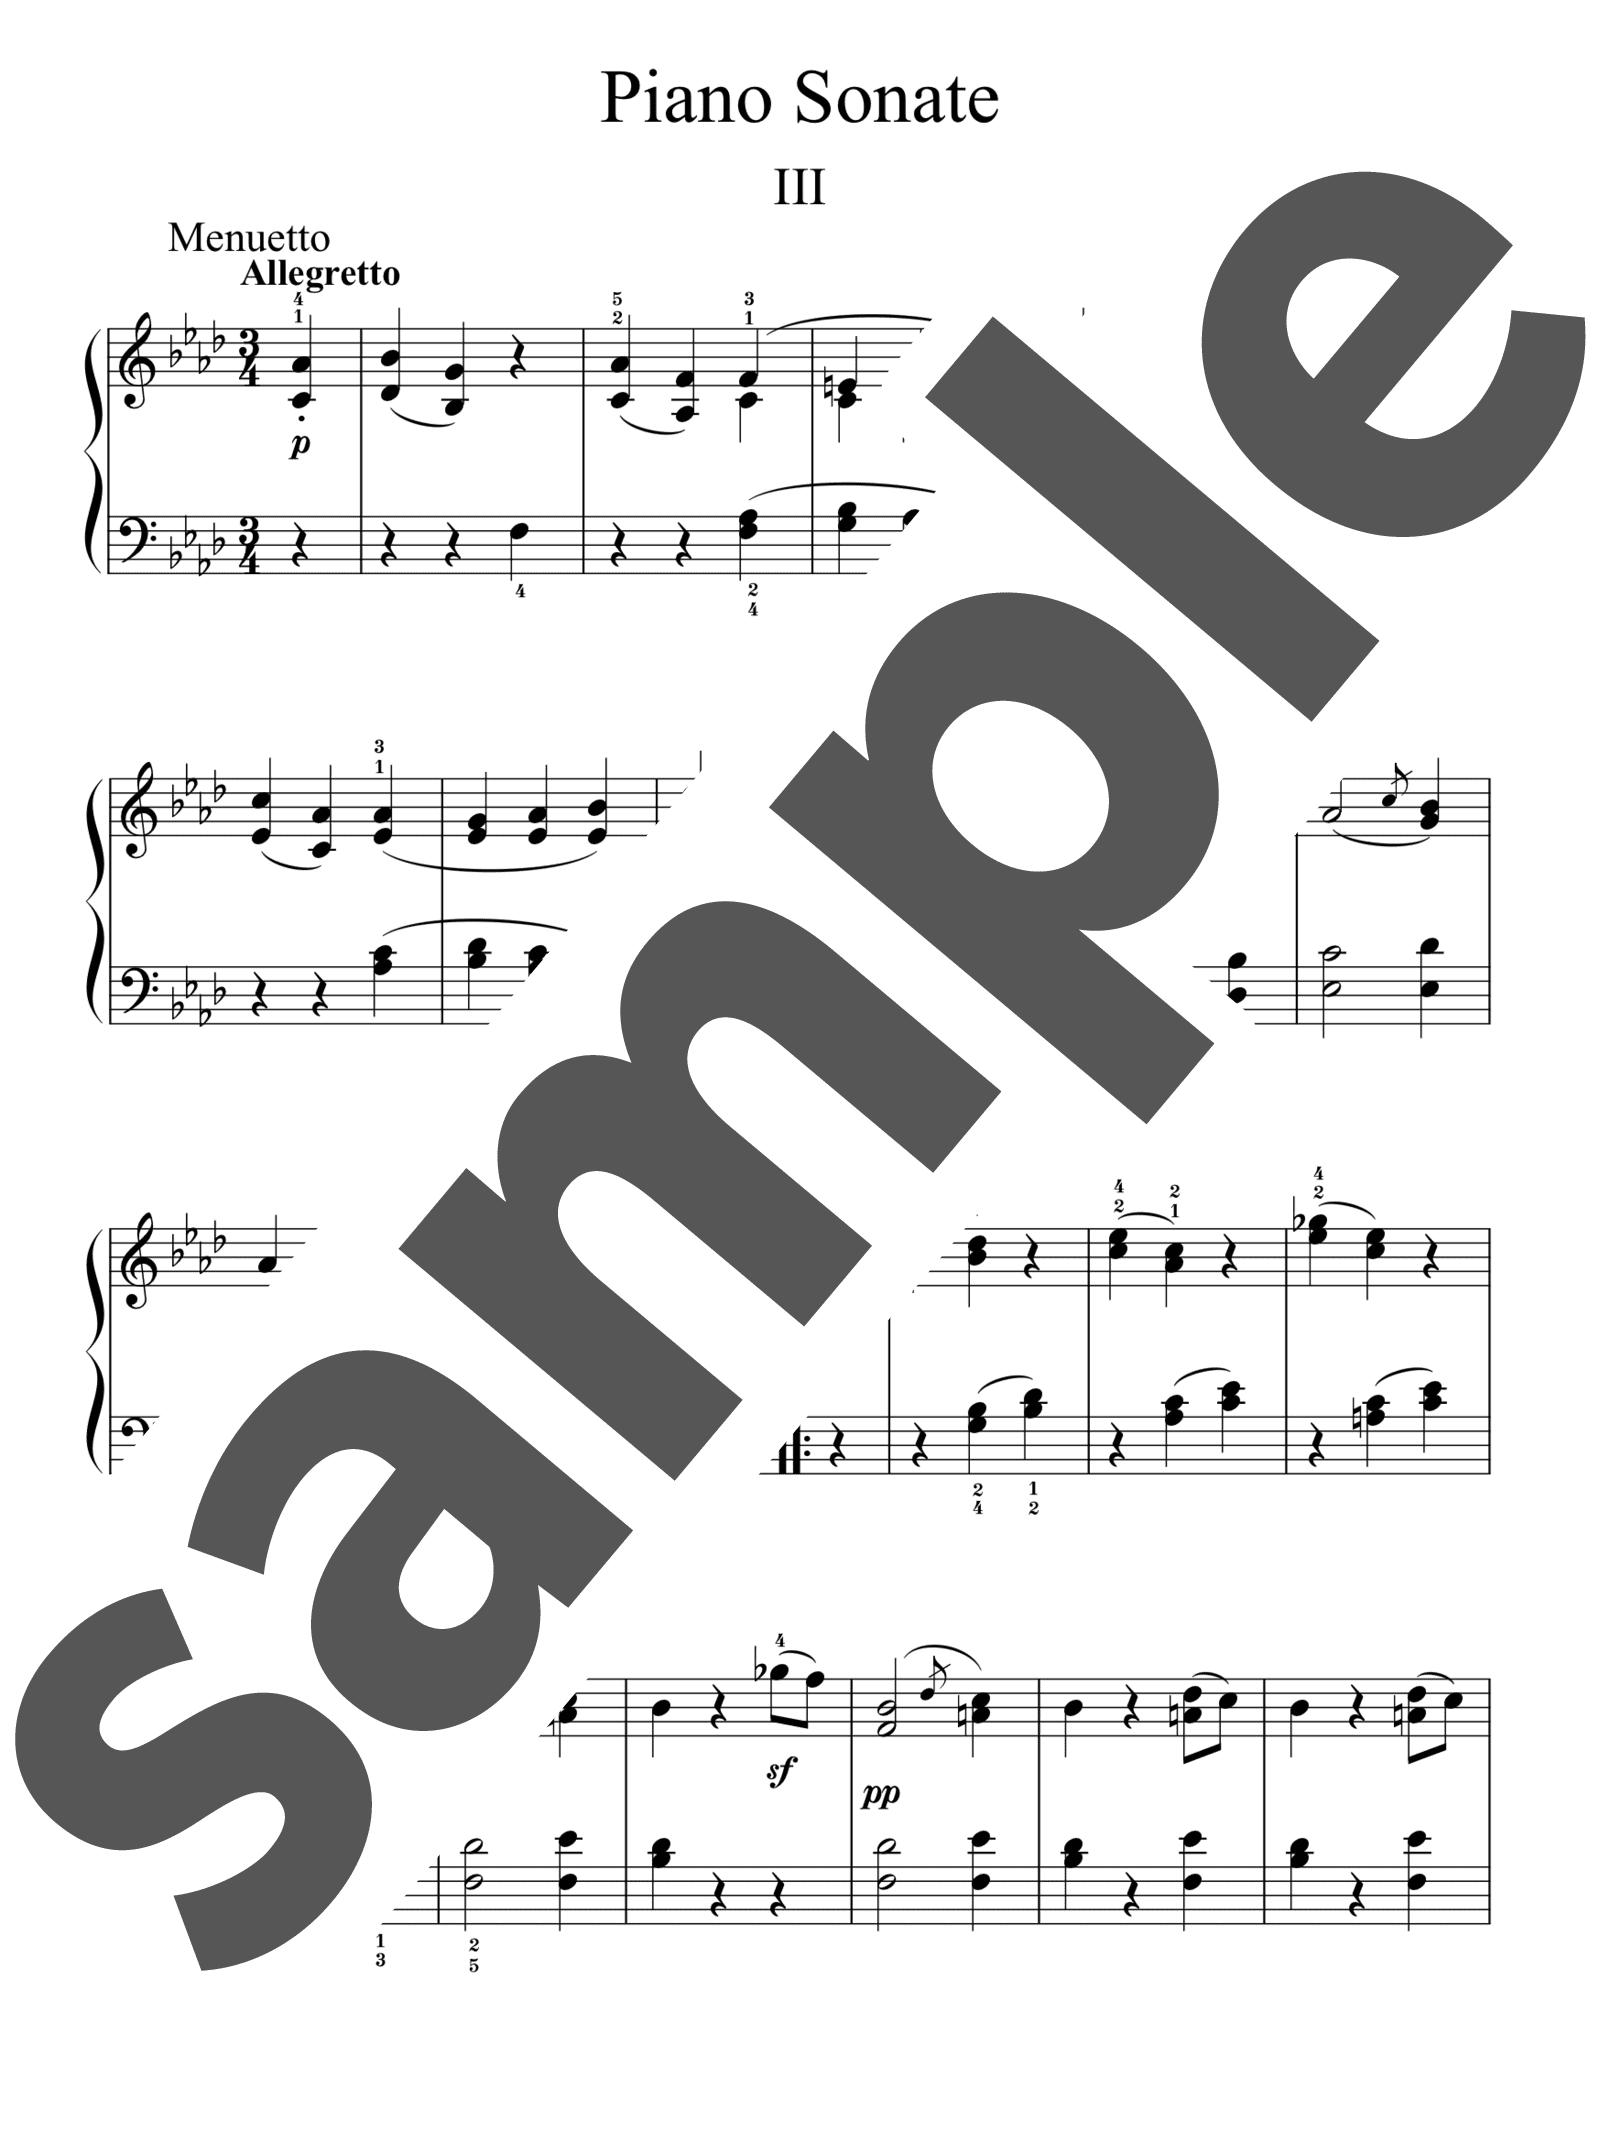 「ピアノ・ソナタ 第1番 ヘ短調 第3楽章」のサンプル楽譜